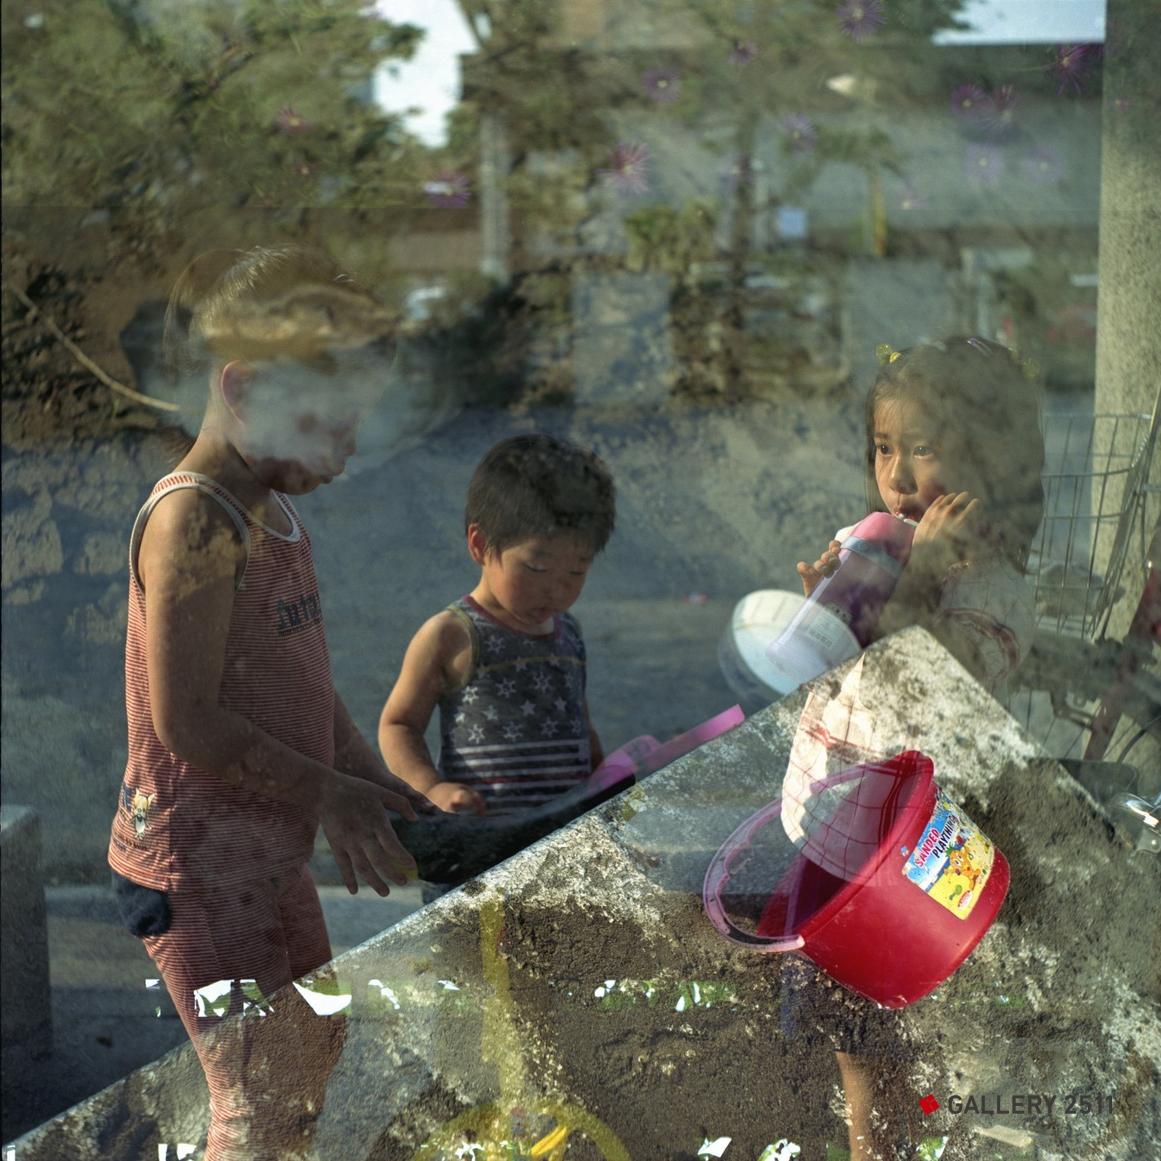 No.134 -「沙盒与三个孩子」 2006 Camera:海鸥 4B